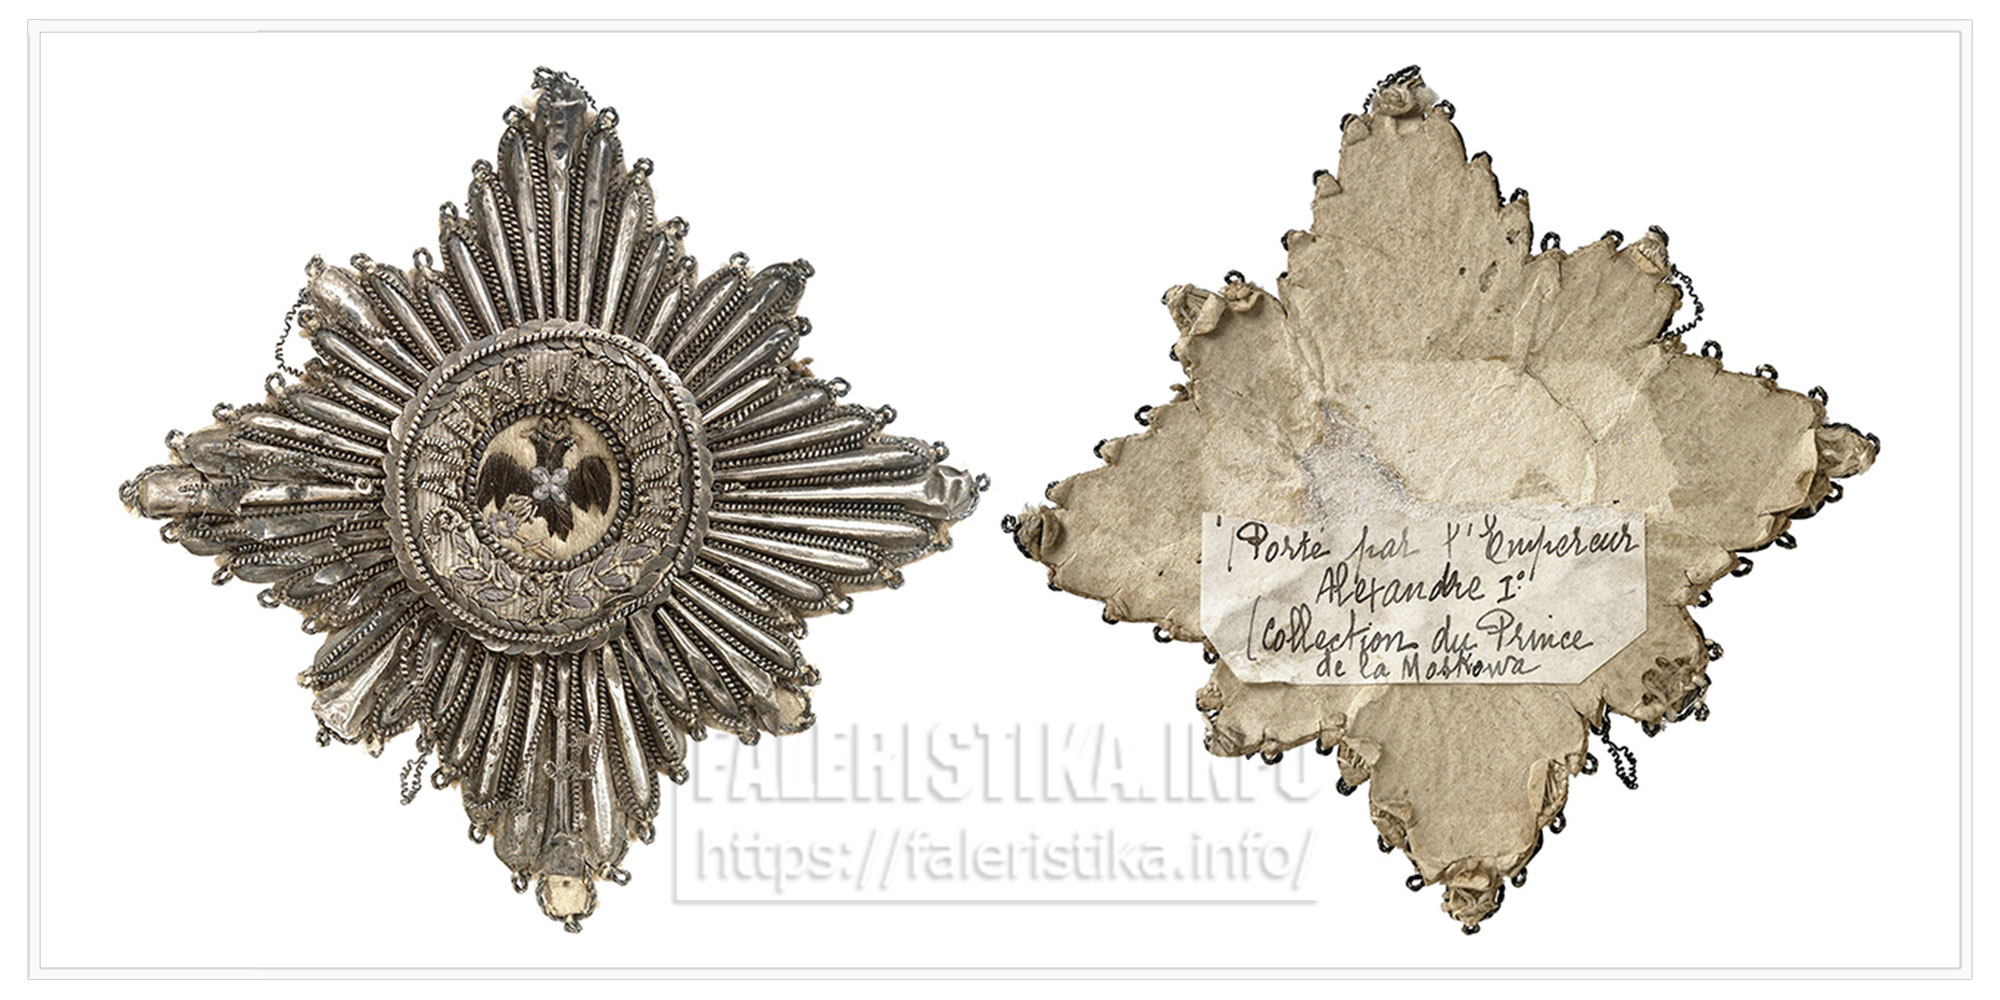 Звезда ордена Св. Андрея Первозванного Шитый